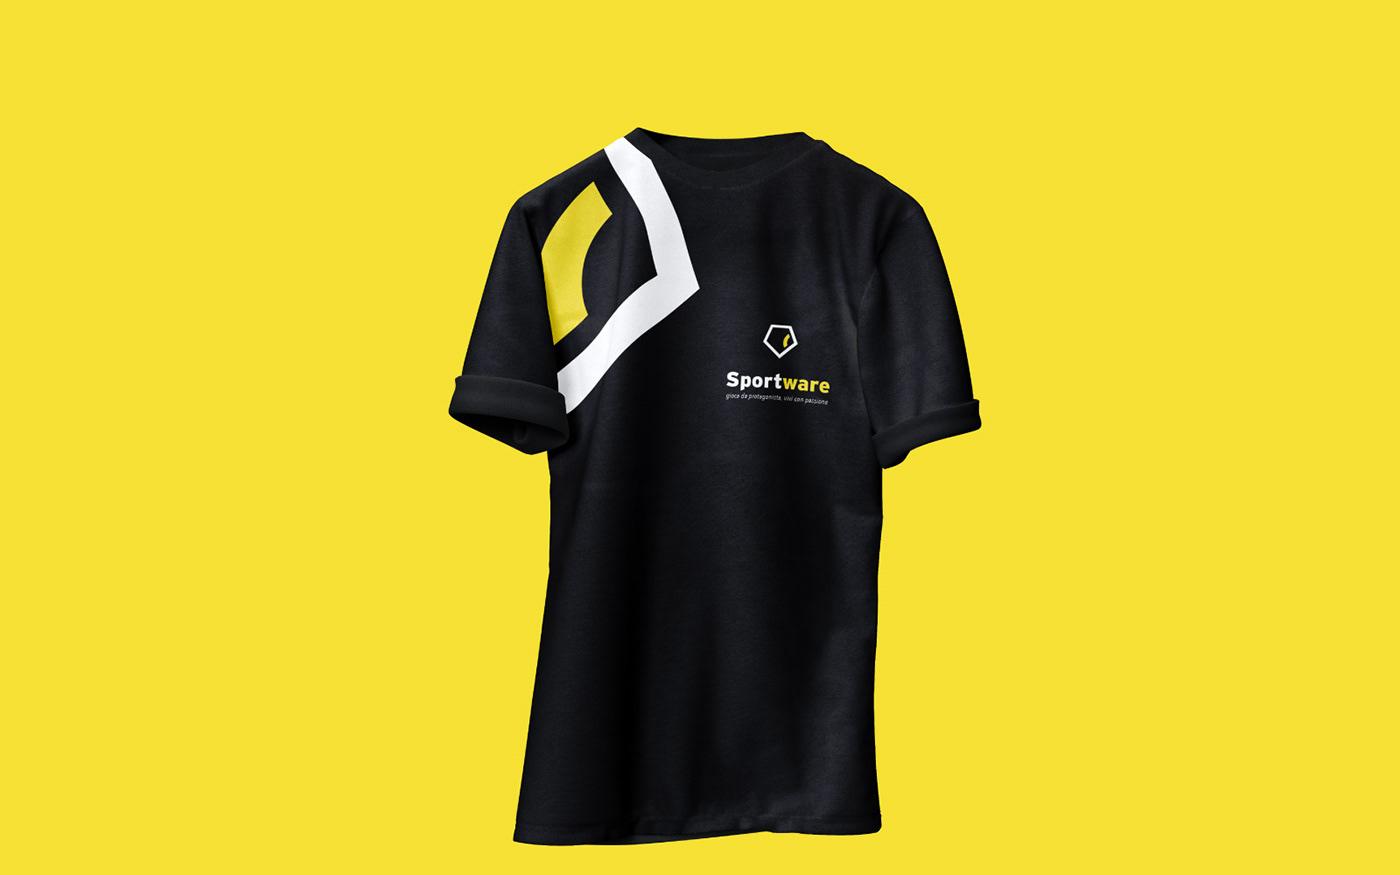 Image may contain: sleeve, active shirt and shirt